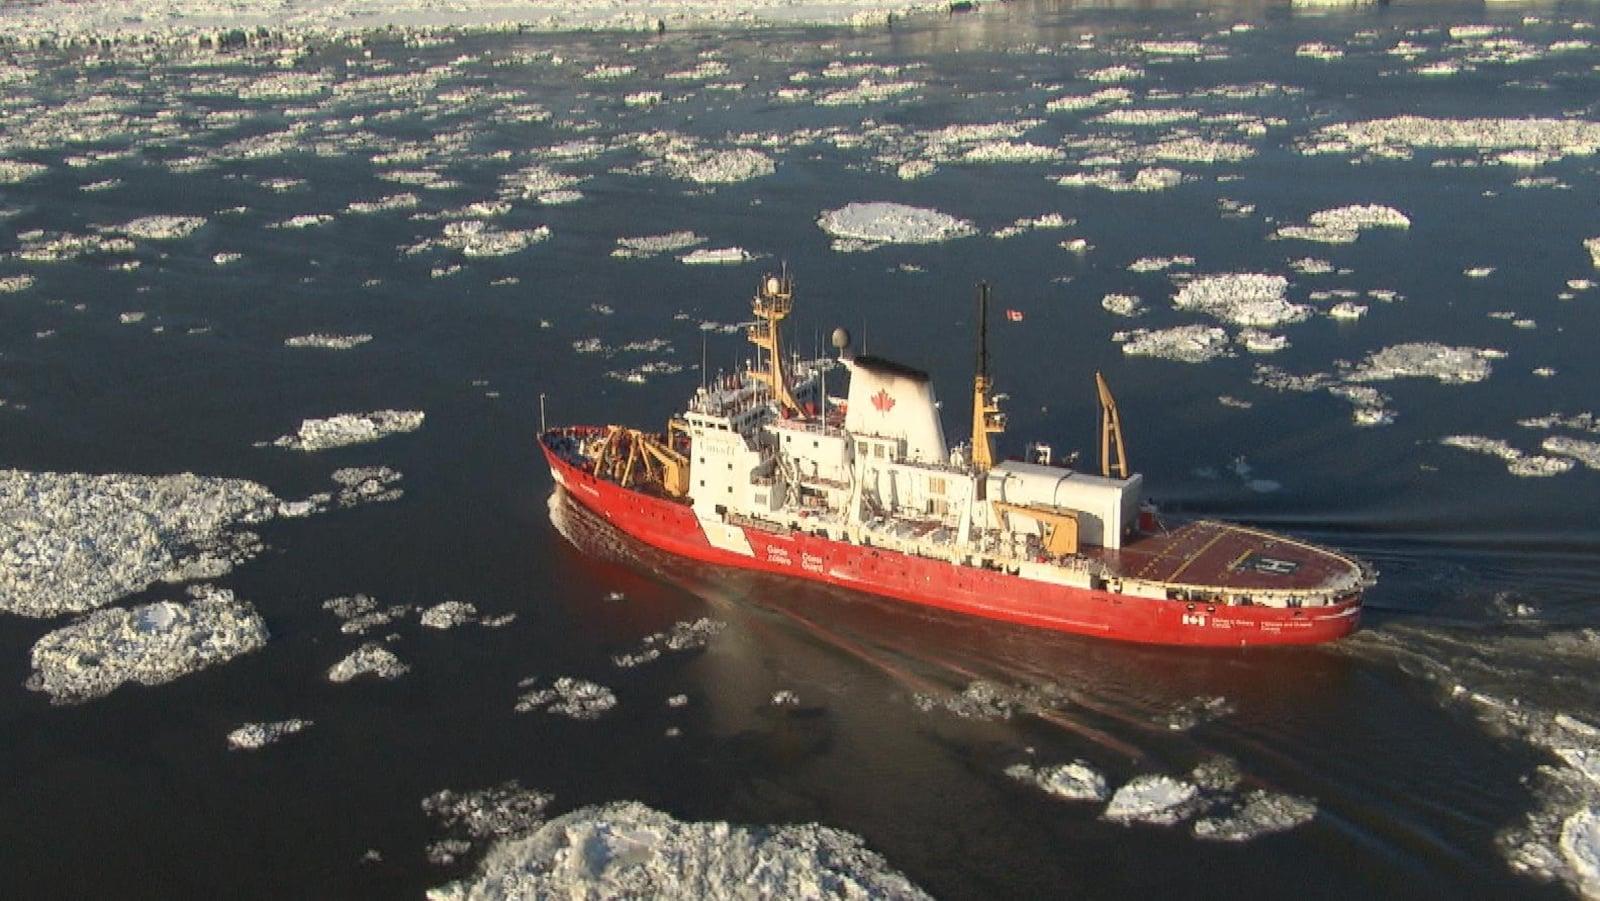 Le brise-glace Amundsen navigue sur le fleuve Saint-Laurent à la hauteur de Québec.